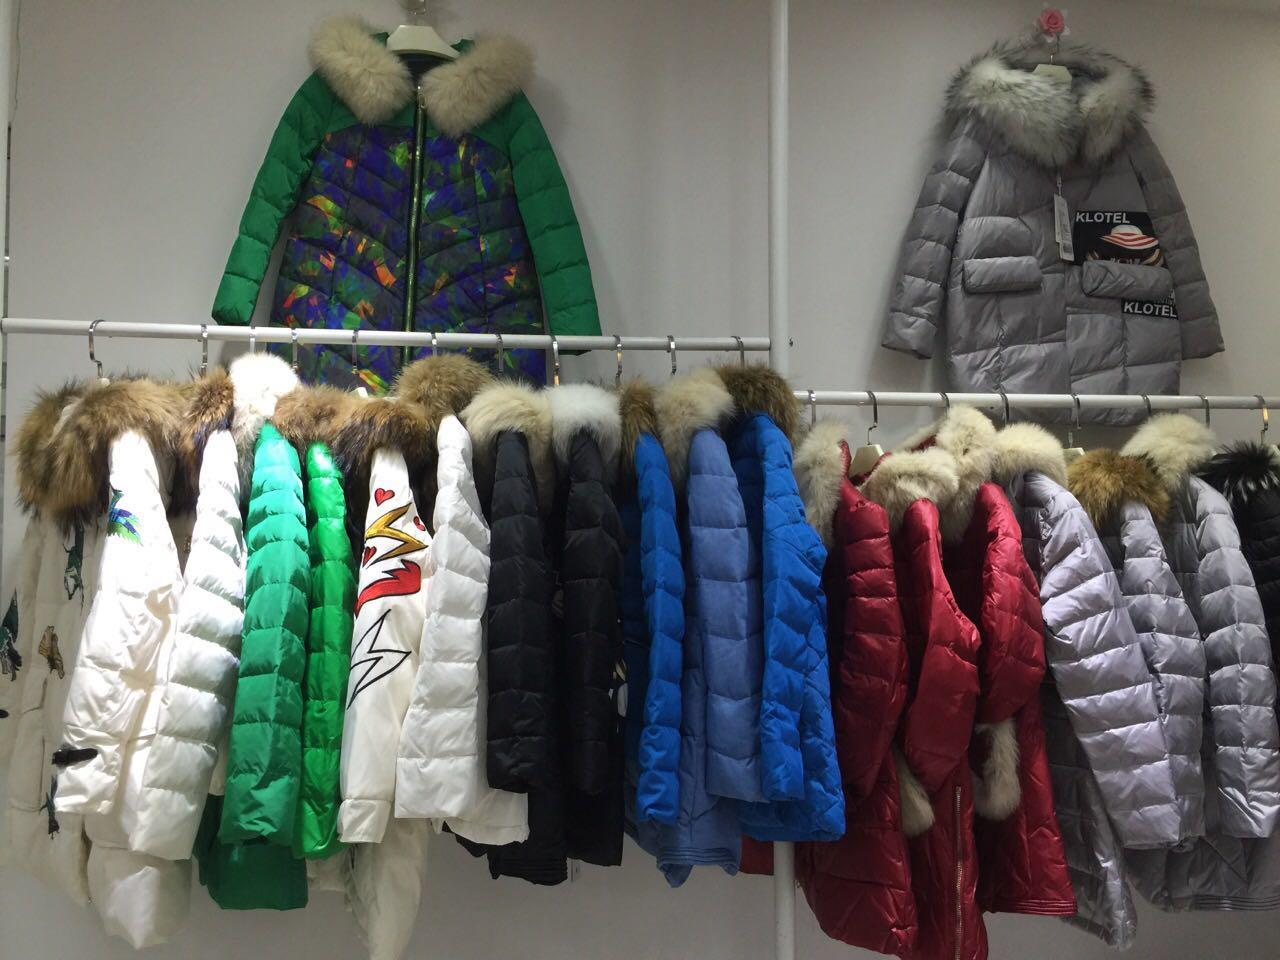 哥芙妮品牌折扣女装厂家直销价格优惠批发走份长期稳定